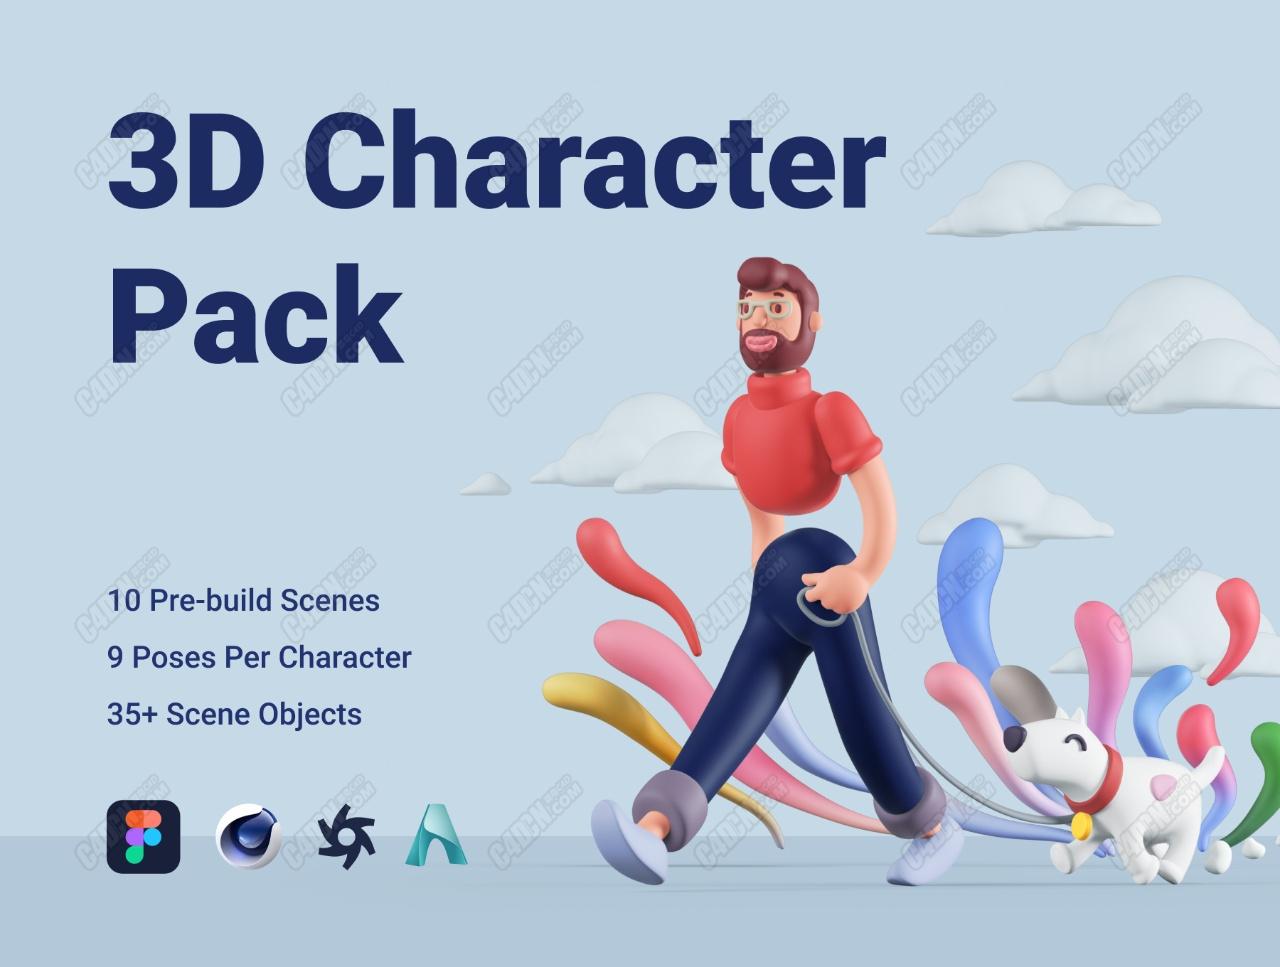 超大合集-C4D卡通人物多动作含绑定角色模型